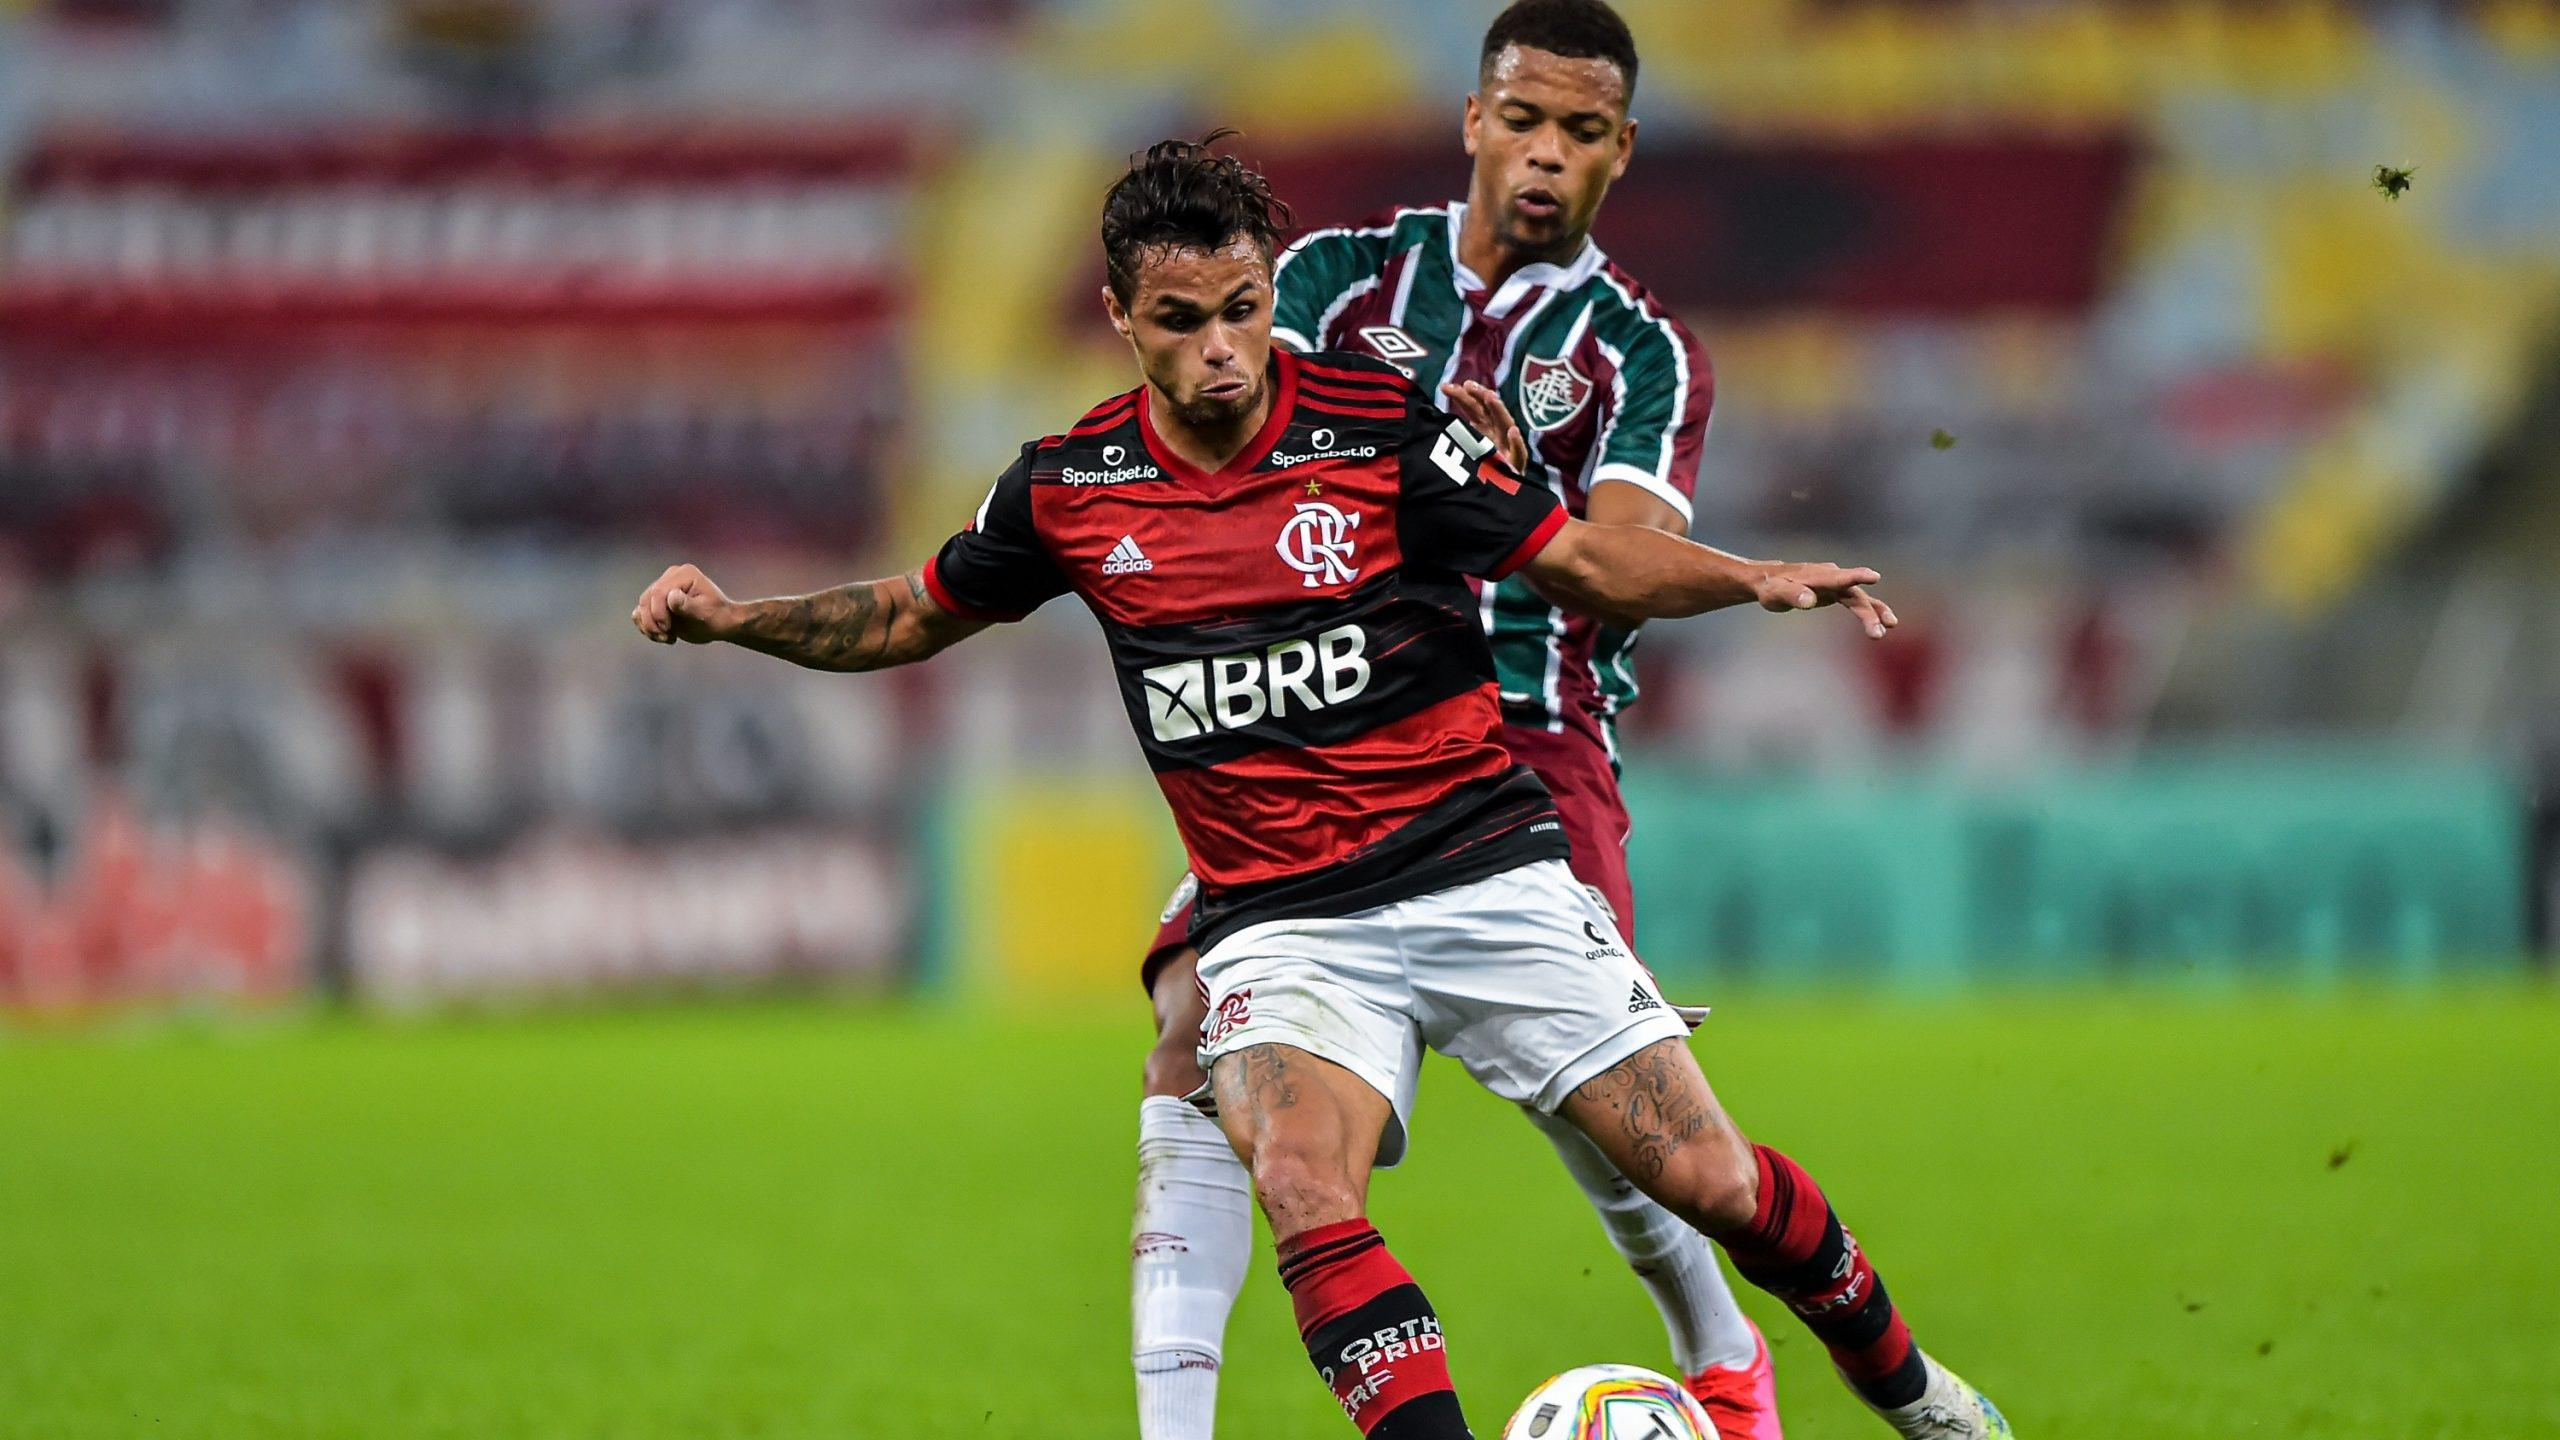 Flamengo vence Fluminense de novo e é campeão | Notibras